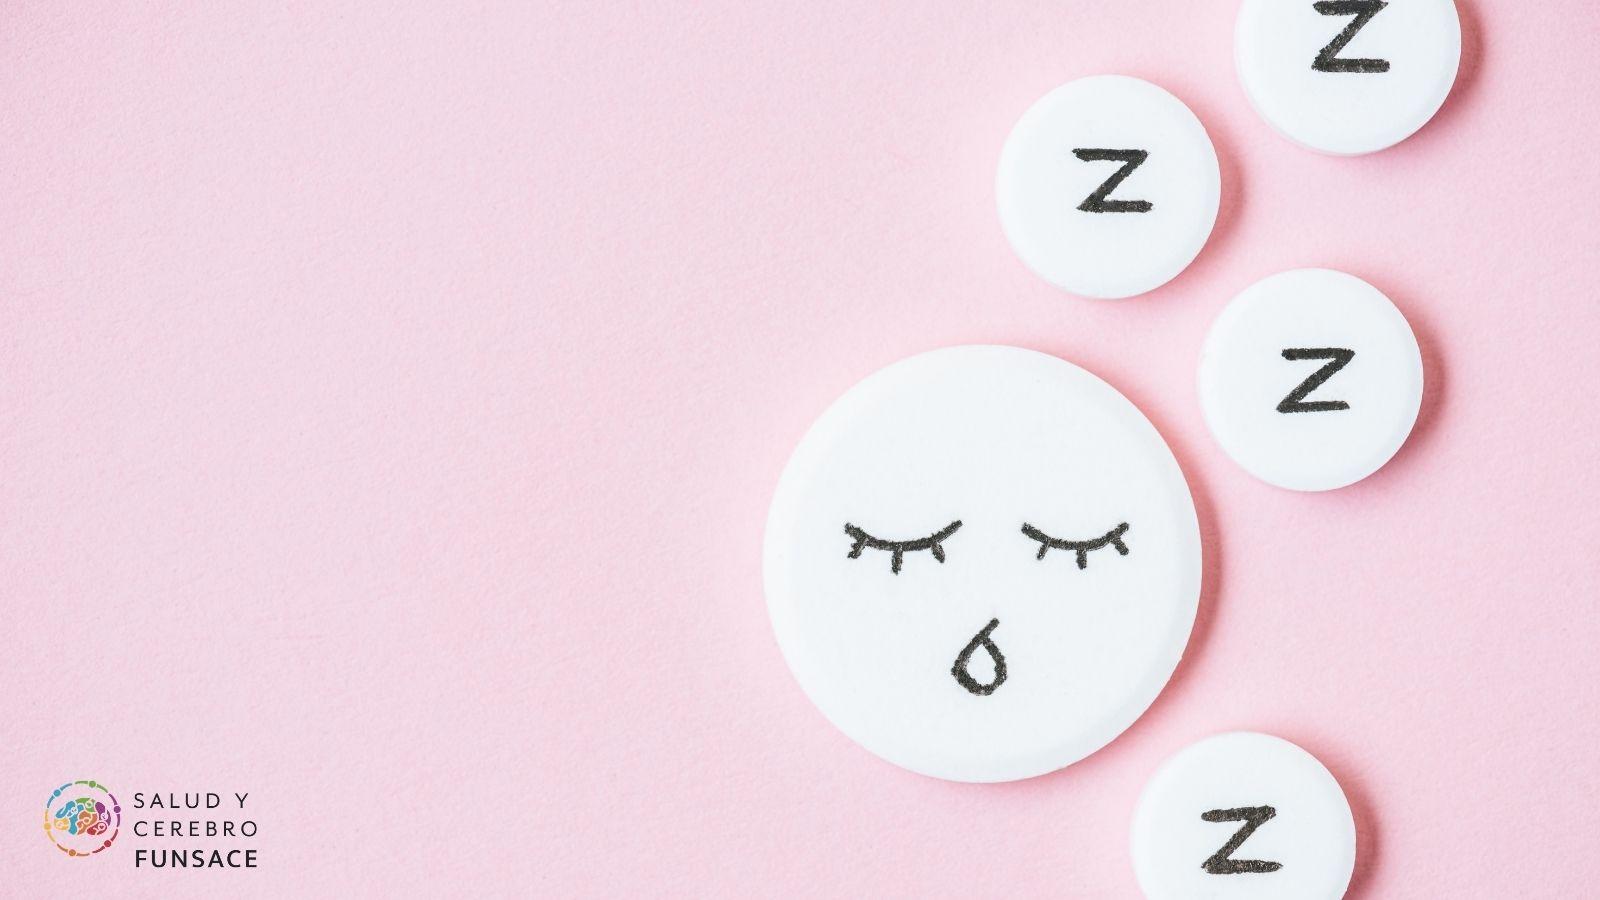 La importancia de dormir para la Salud Cerebral